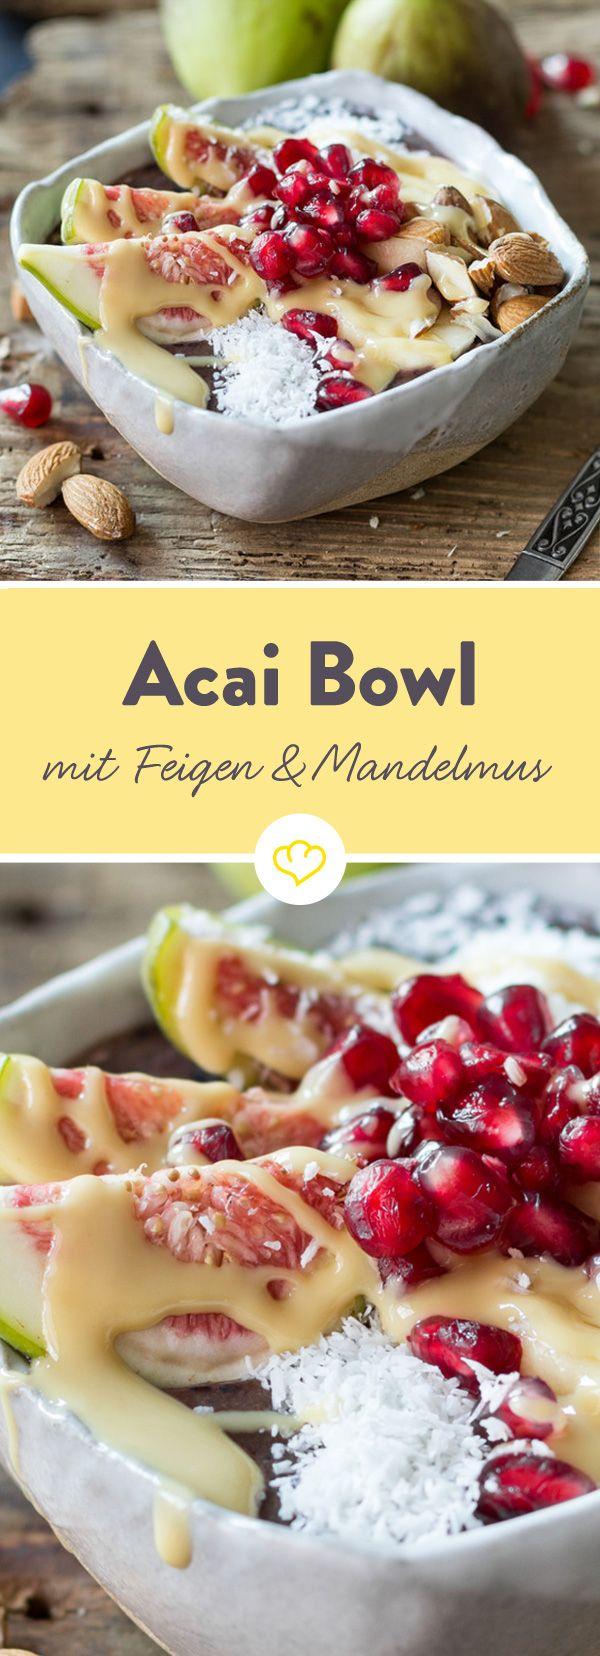 Acai-Pulver, Blaubeeren und Mandelmilch - mehr brauchst du nicht, um eine Acai-Bowl zu zaubern. Und das in weniger als 5 Minuten.